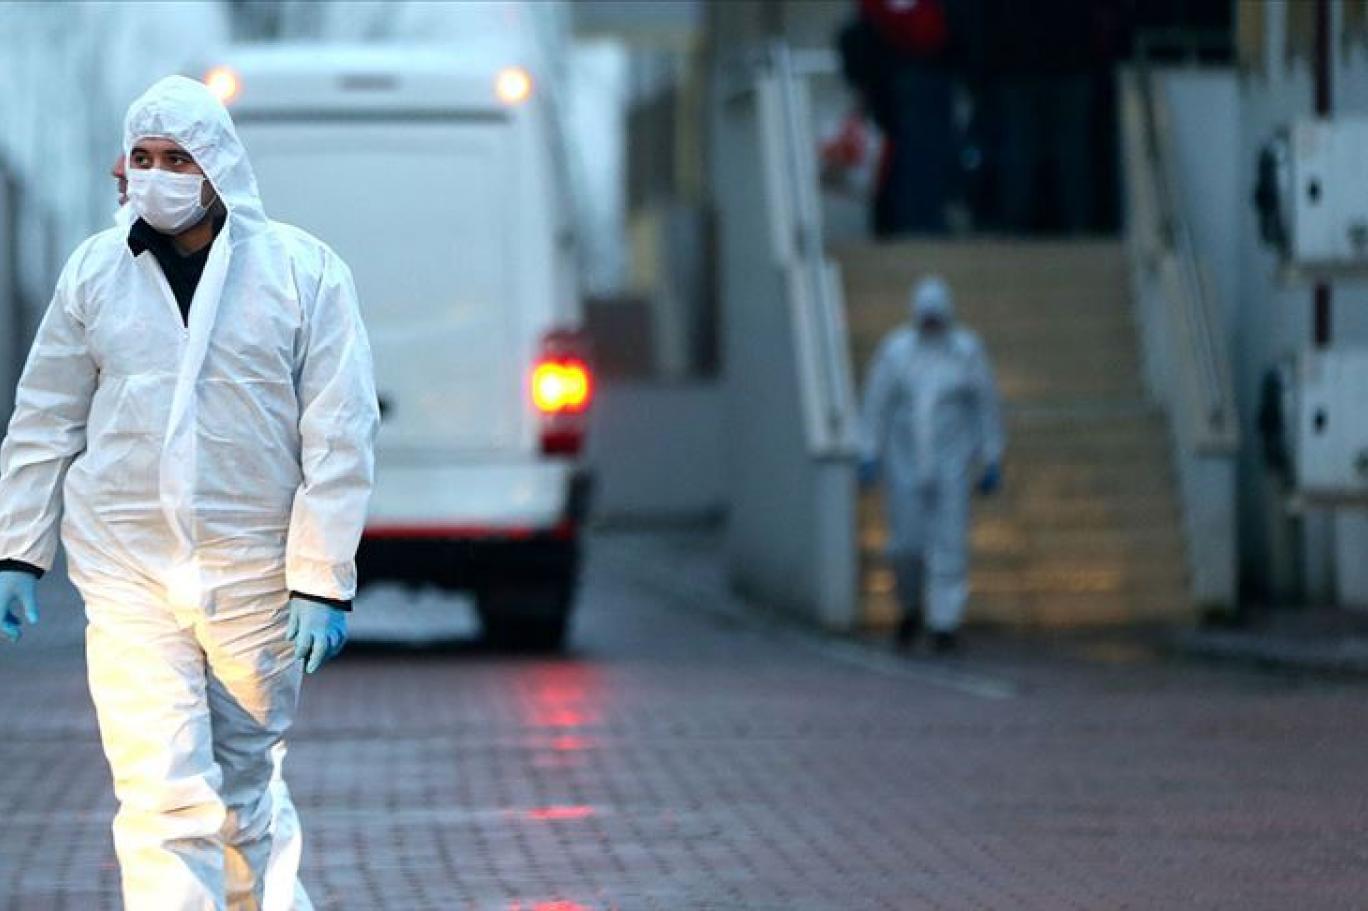 Türkiye'de koronavirüs: Son 24 saatte 22 bin 261 yeni vaka, 138 can kaybı